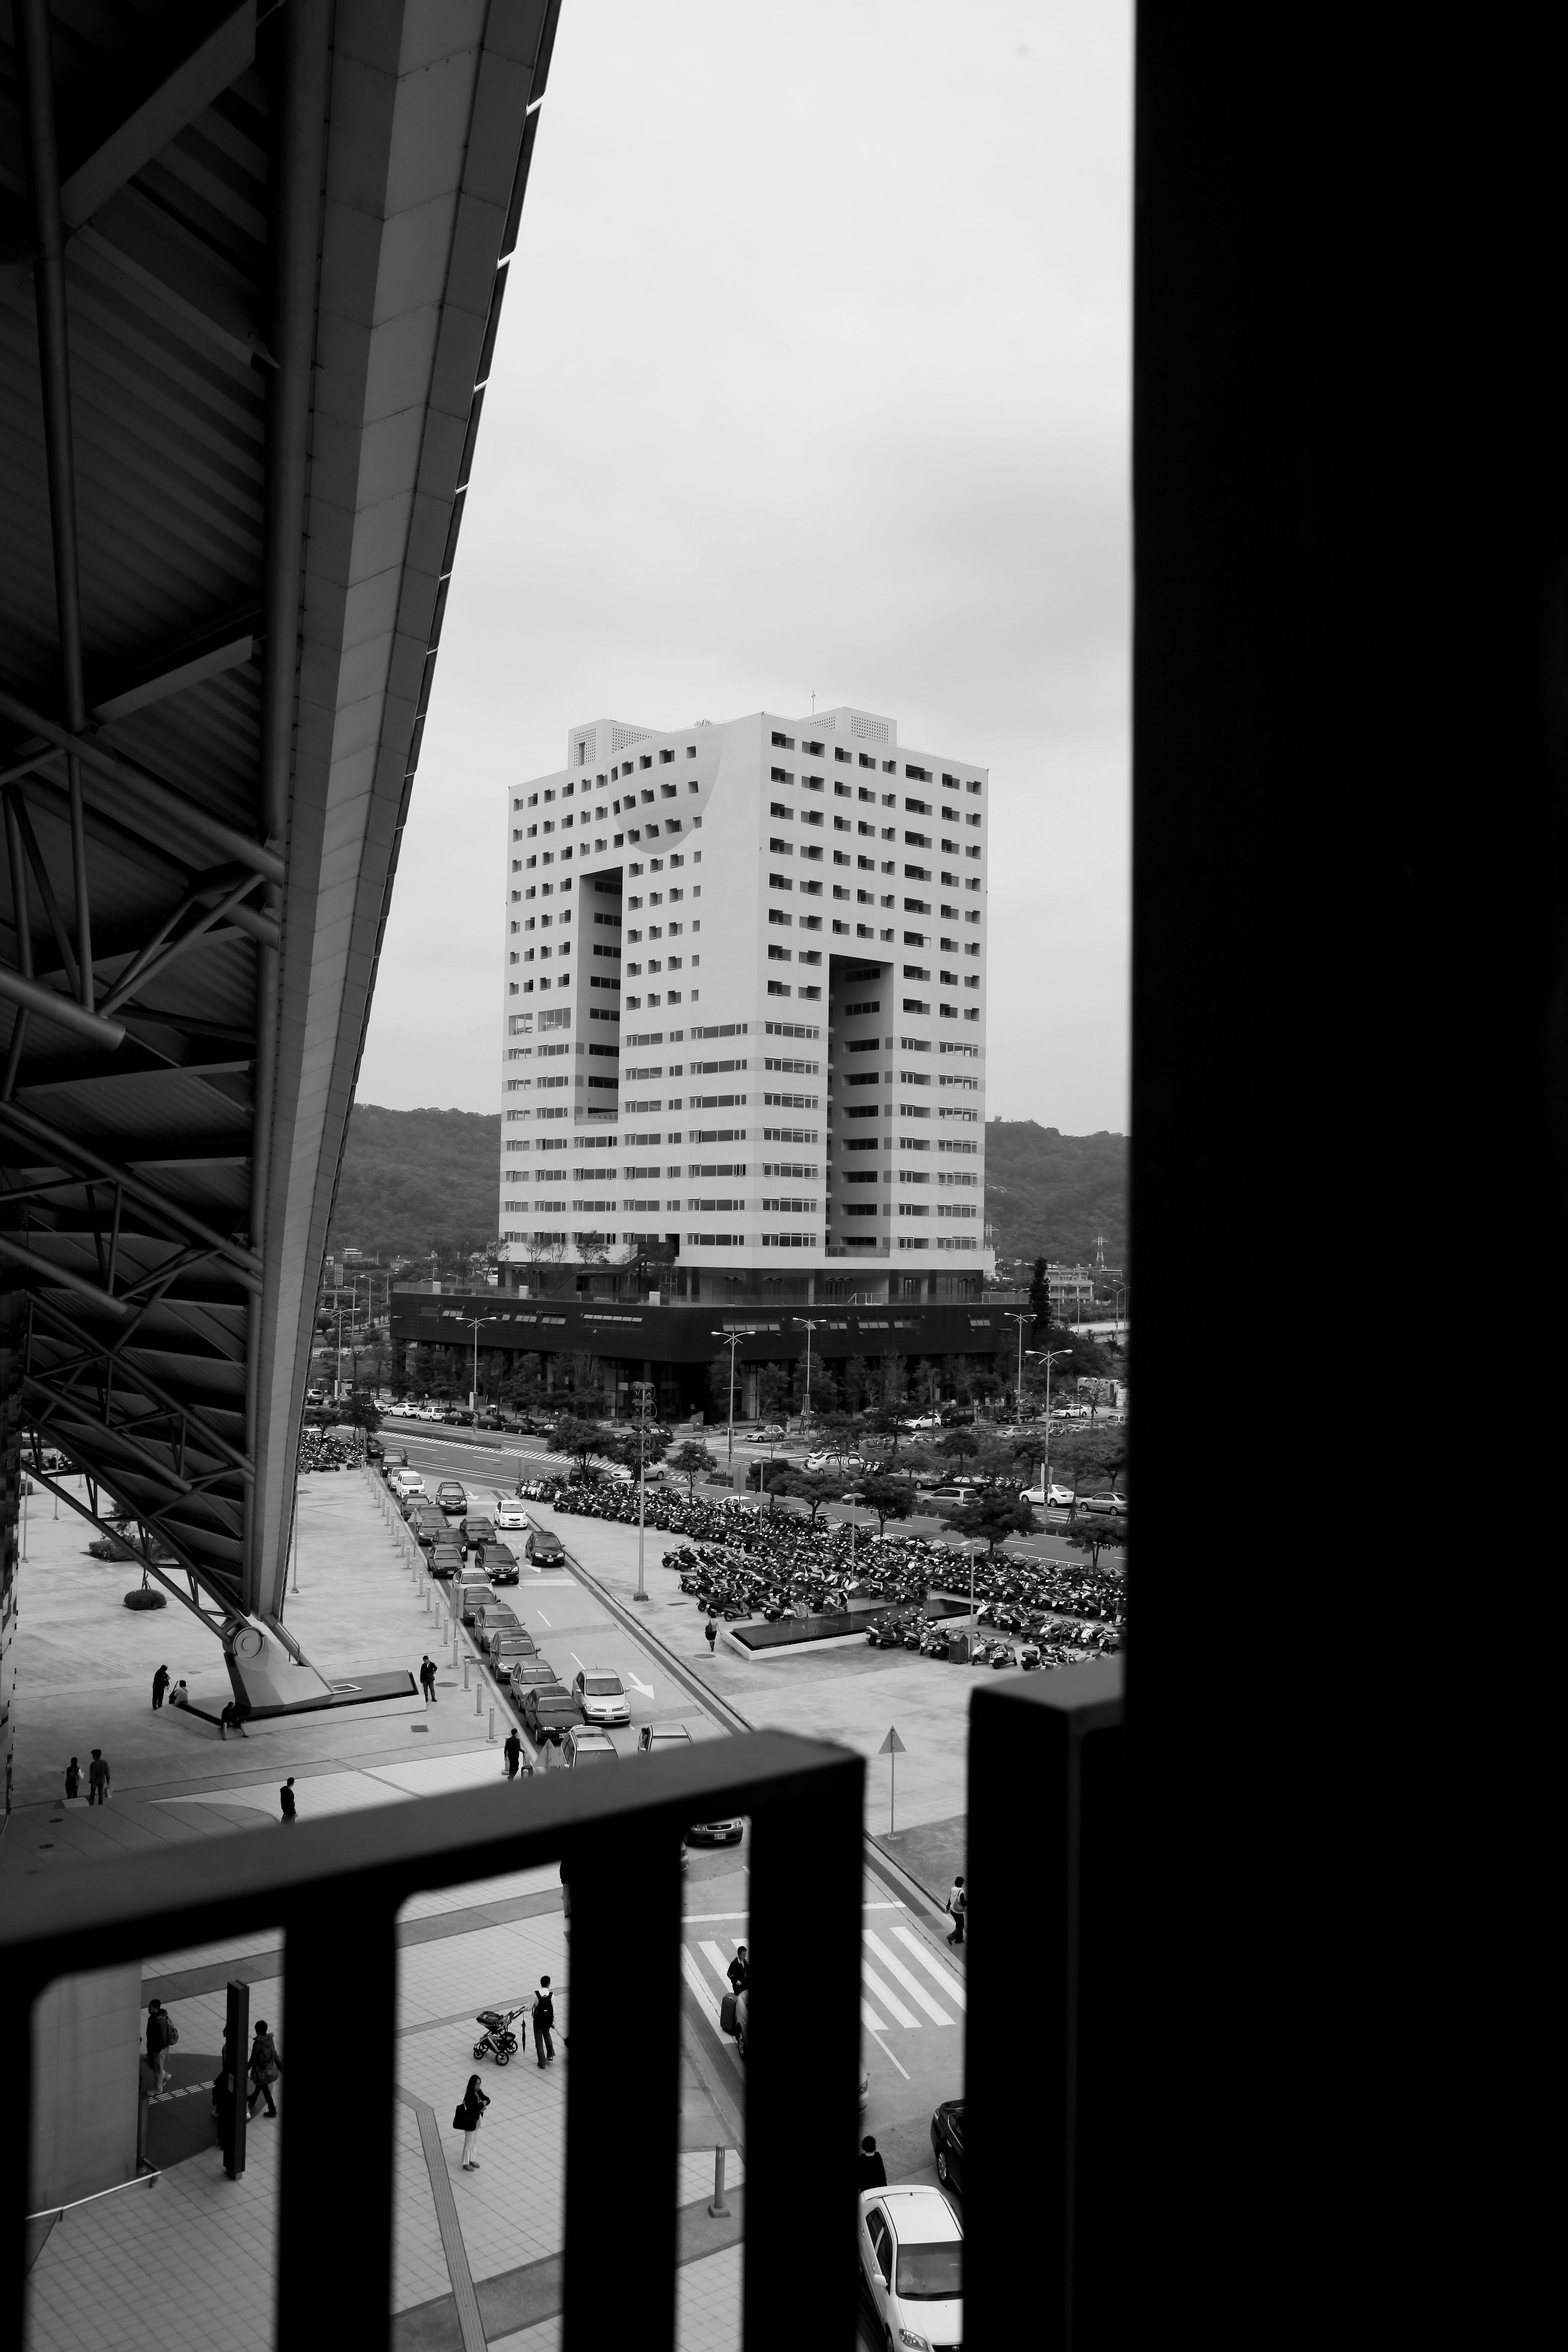 於新竹高鐵站眺望惠友遠見大樓